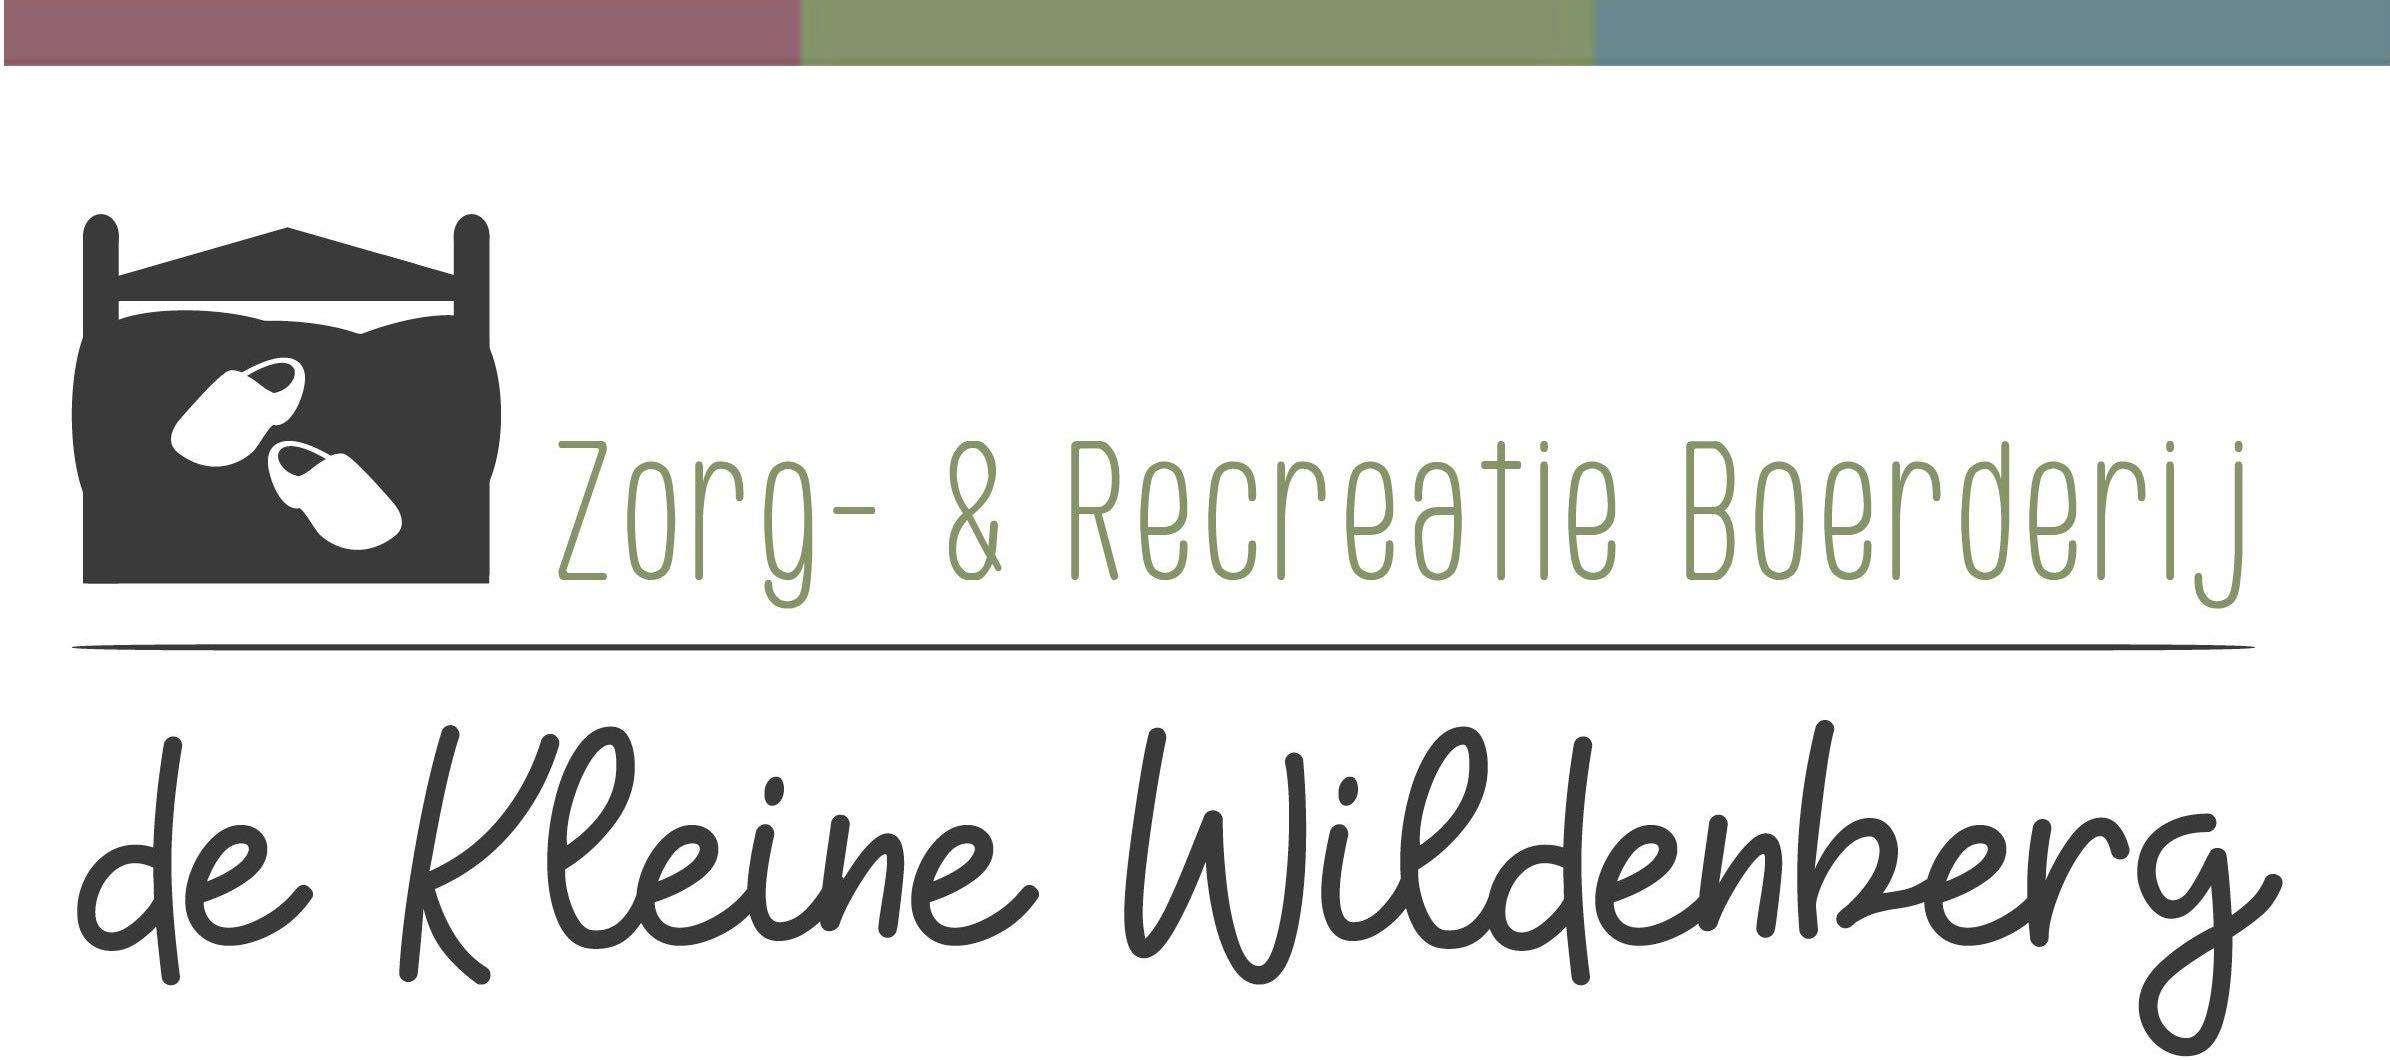 de Kleine Wildenberg